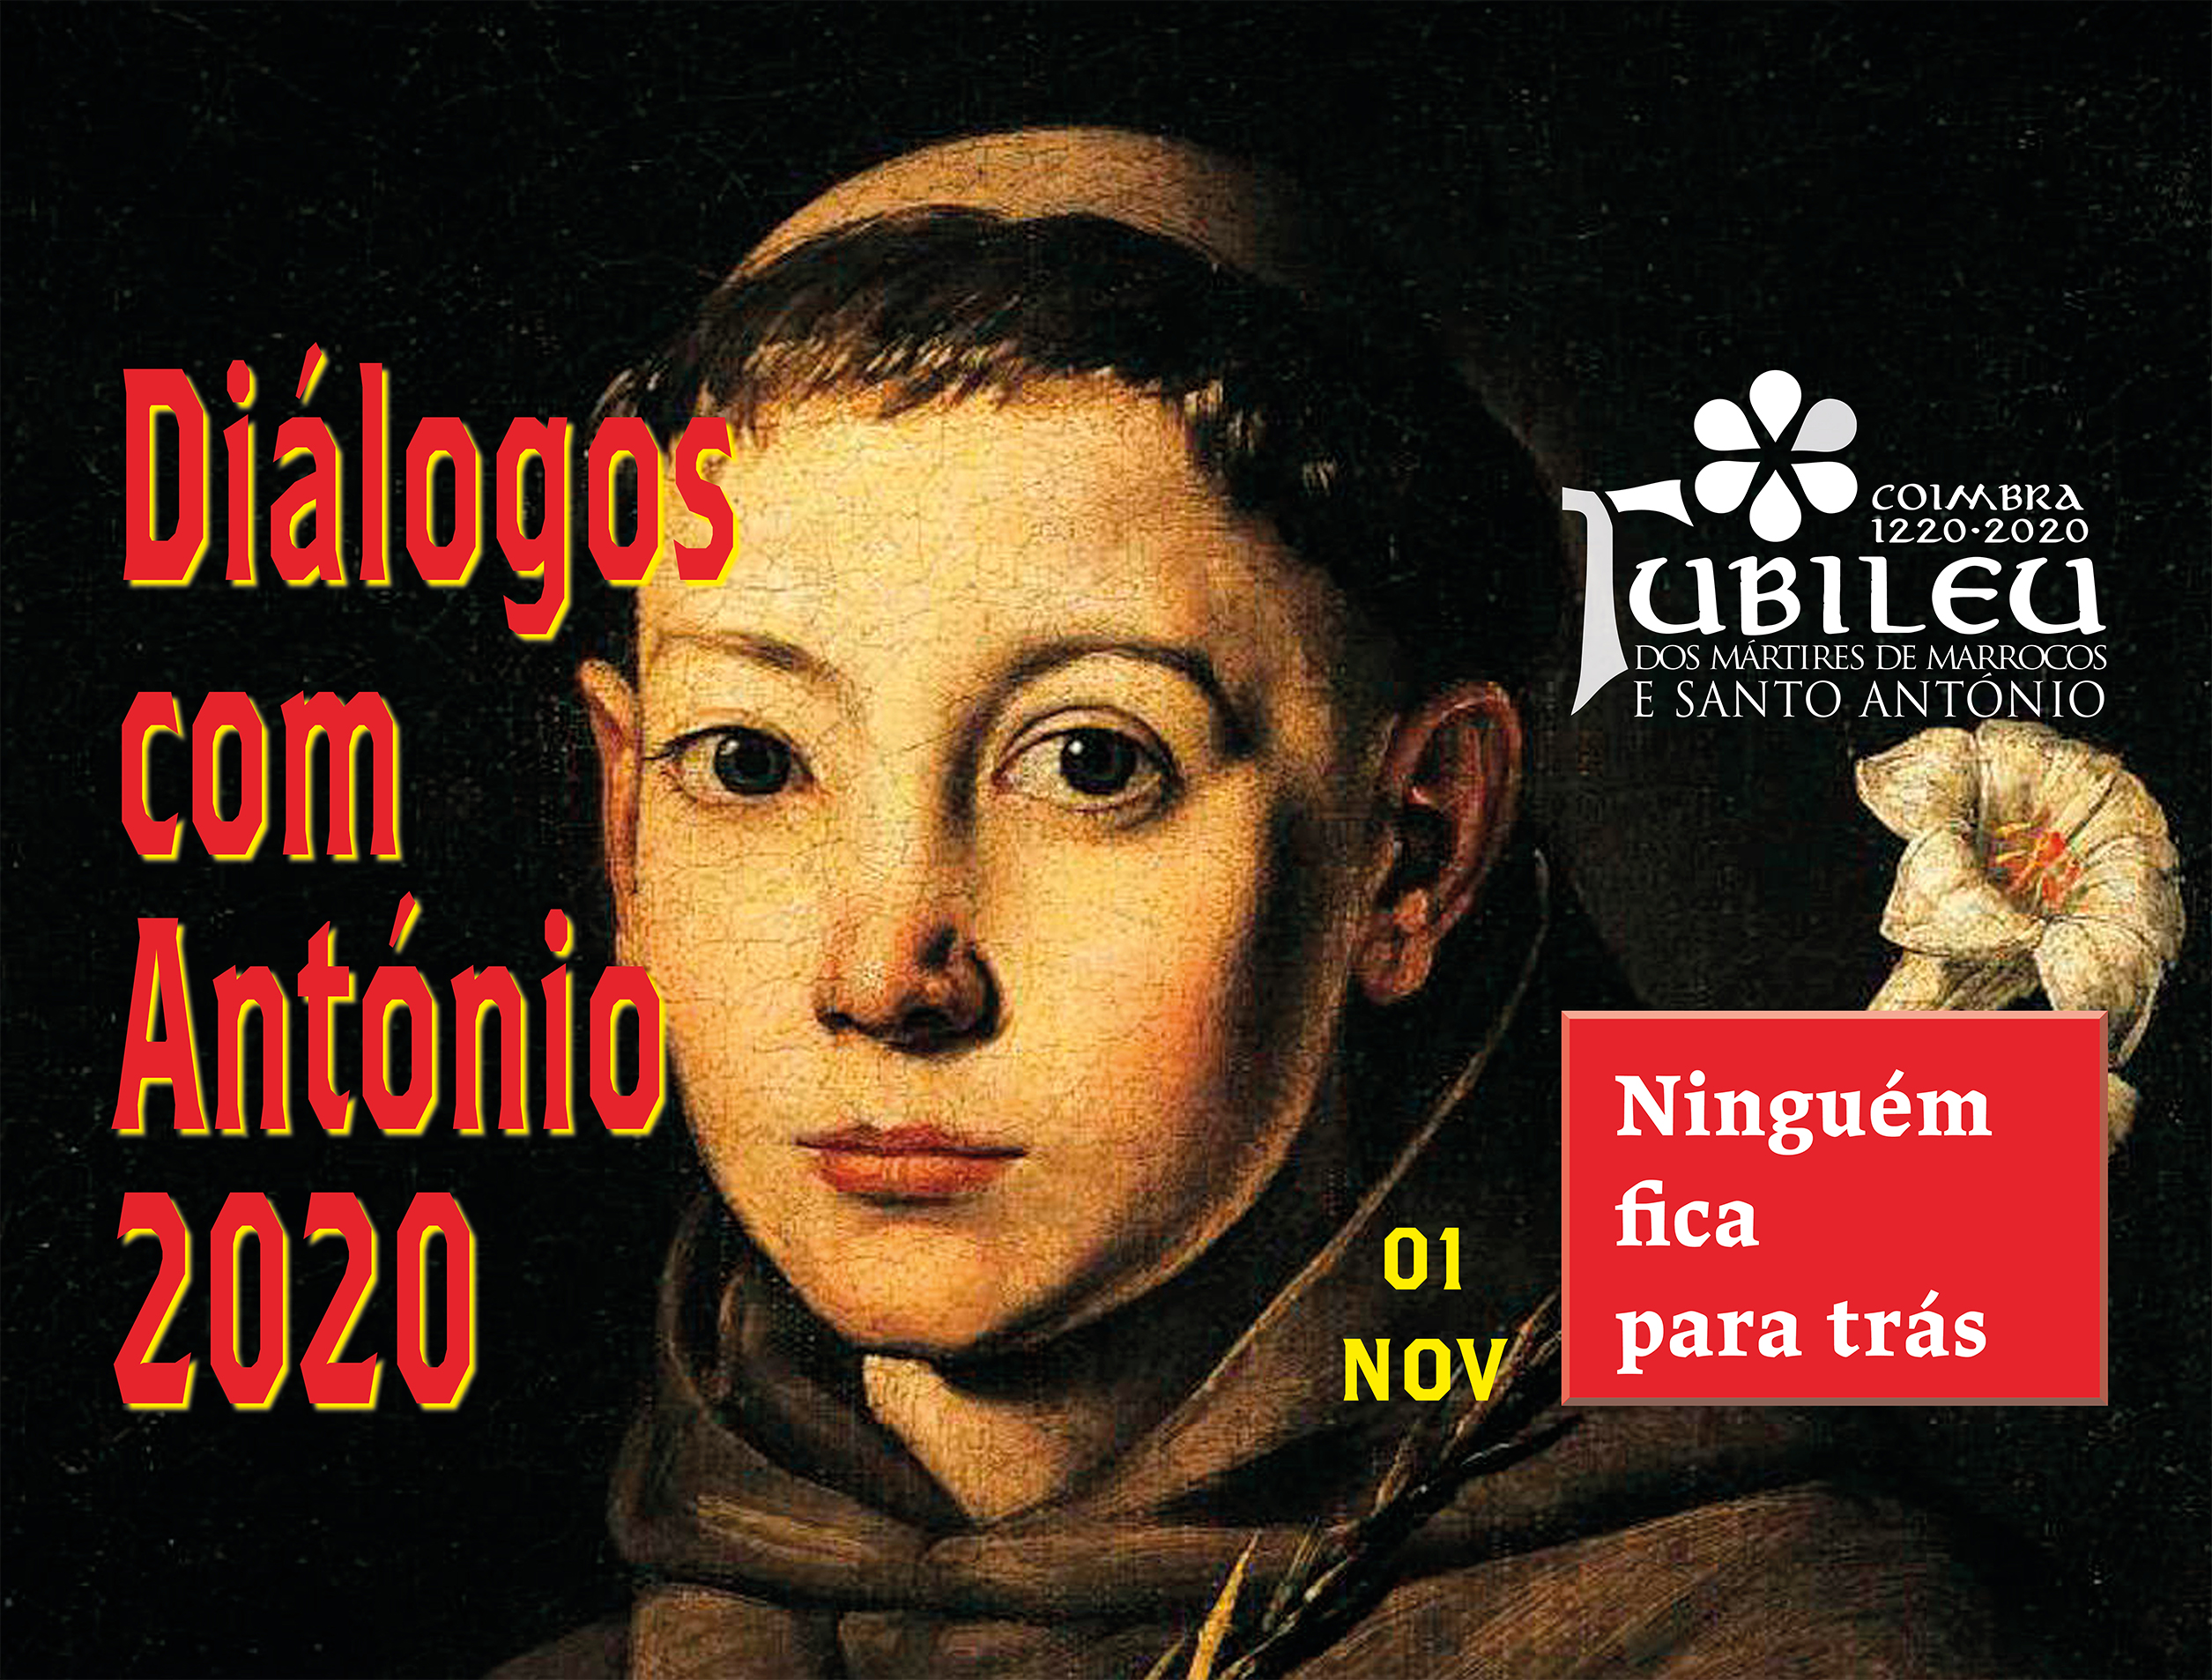 Diálogos com António 2020: Ninguém fica para trás